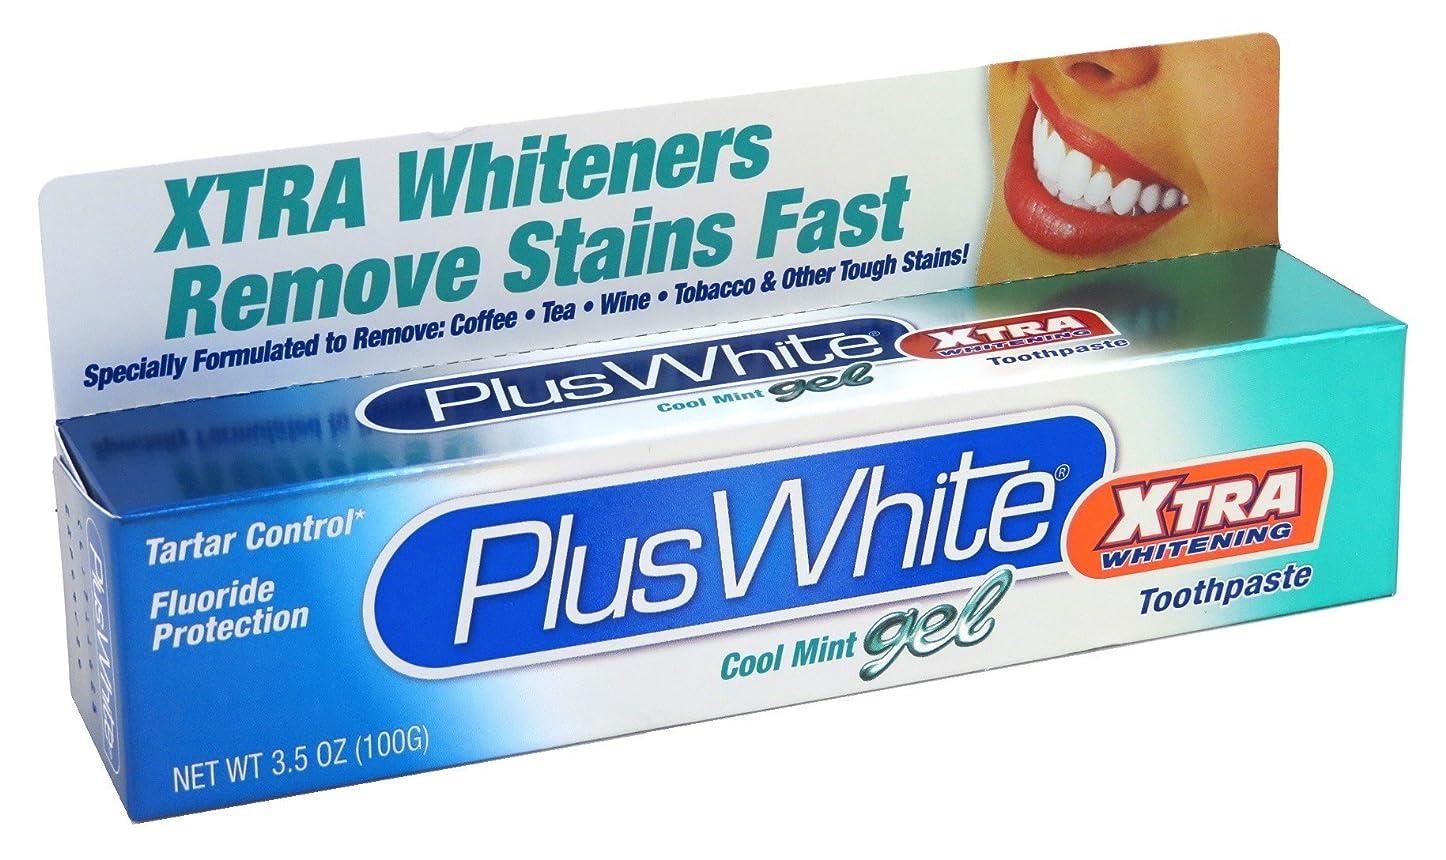 柱褒賞とまり木強力ホワイトニング歯磨きミントジェル 104ml (並行輸入品)